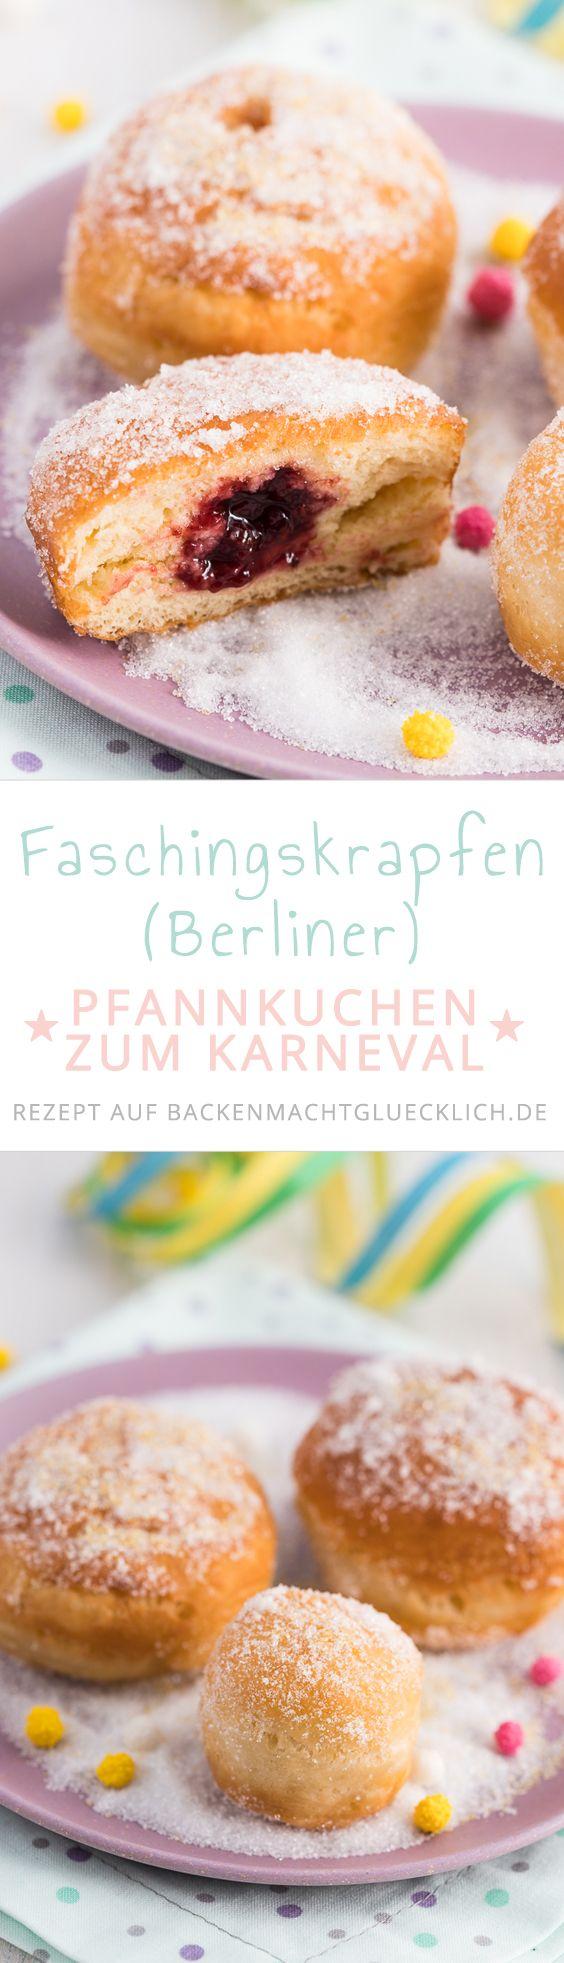 Krapfen, Berliner, Kreppel oder Pfannkuchen – jeder kennt das gefüllte Hefegebäck unter einem anderen Namen. Mit diesem Krapfenrezept könnt ihr die traditionelle Karnevals-Leckerei künftig selbermachen!